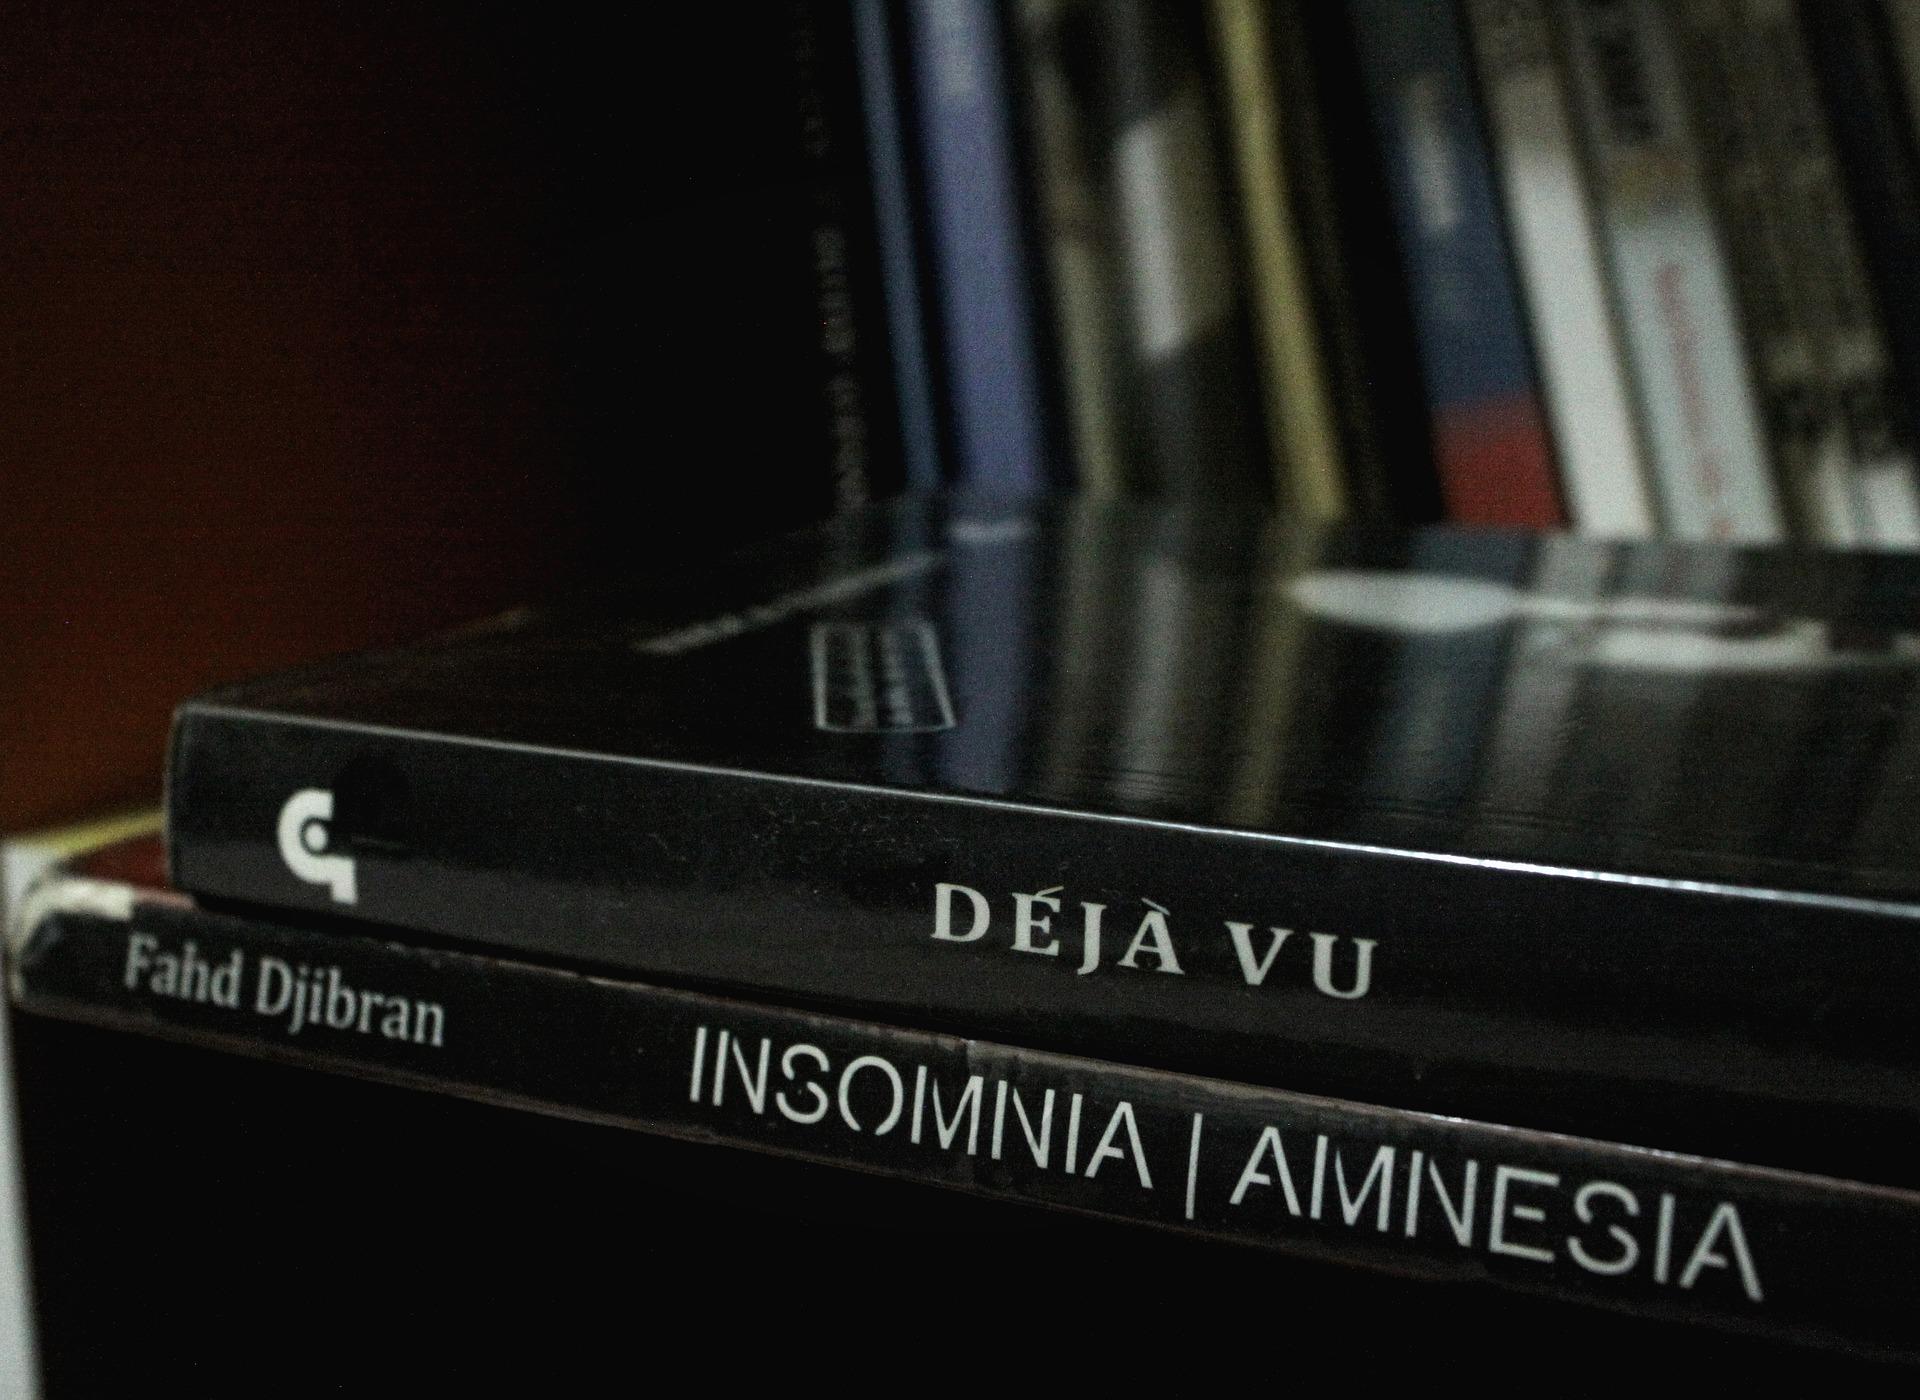 Problèmes de sommeil, que faire?